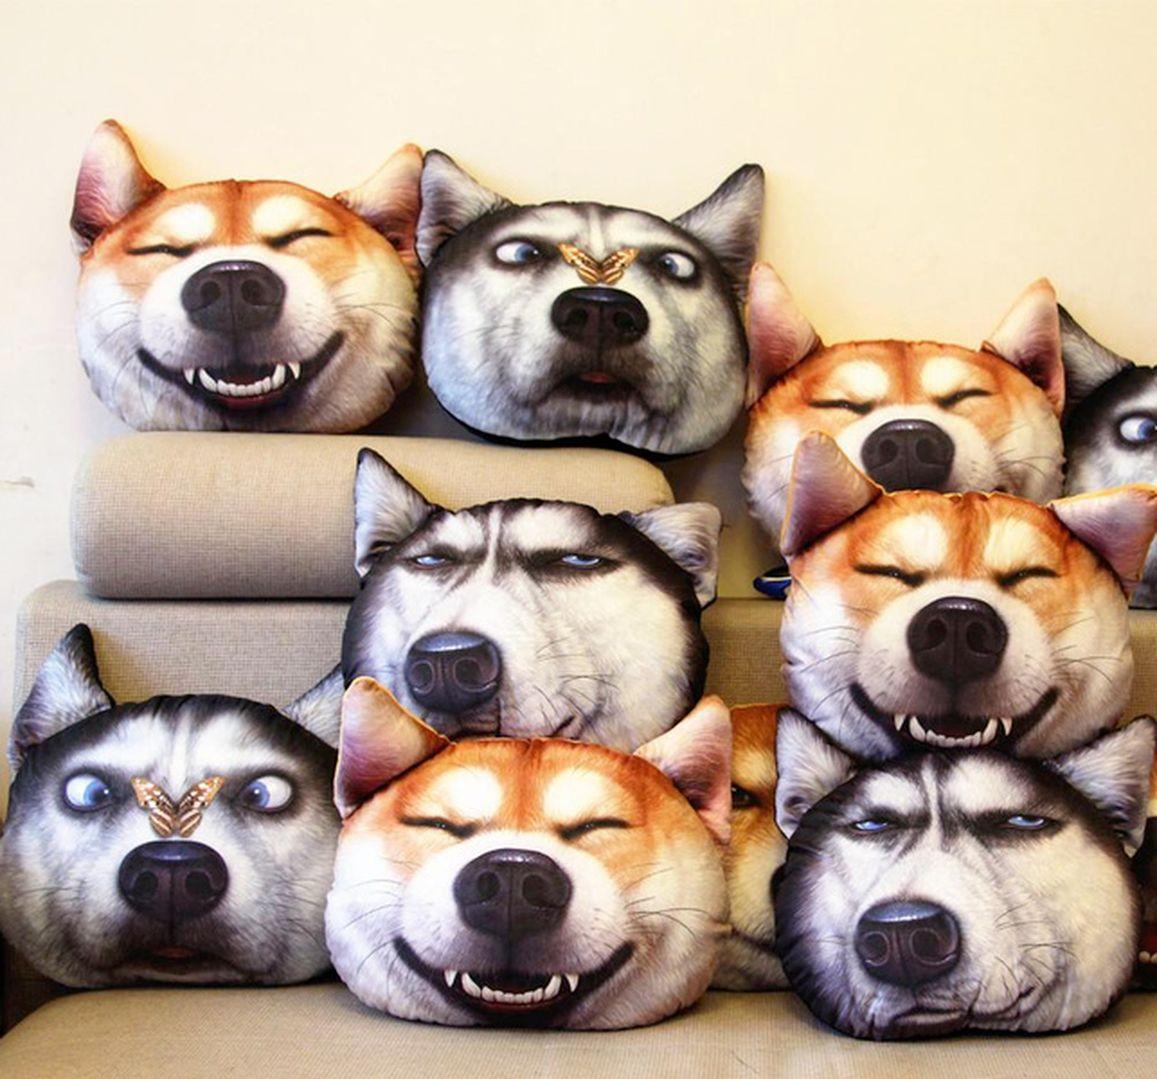 Fabrika doğrudan satmak 3D peluş oyuncaklar sevimli köpek kafa yastık simülasyon komik yastık dolması hayvanlar oyuncak yastık araba minderi 496